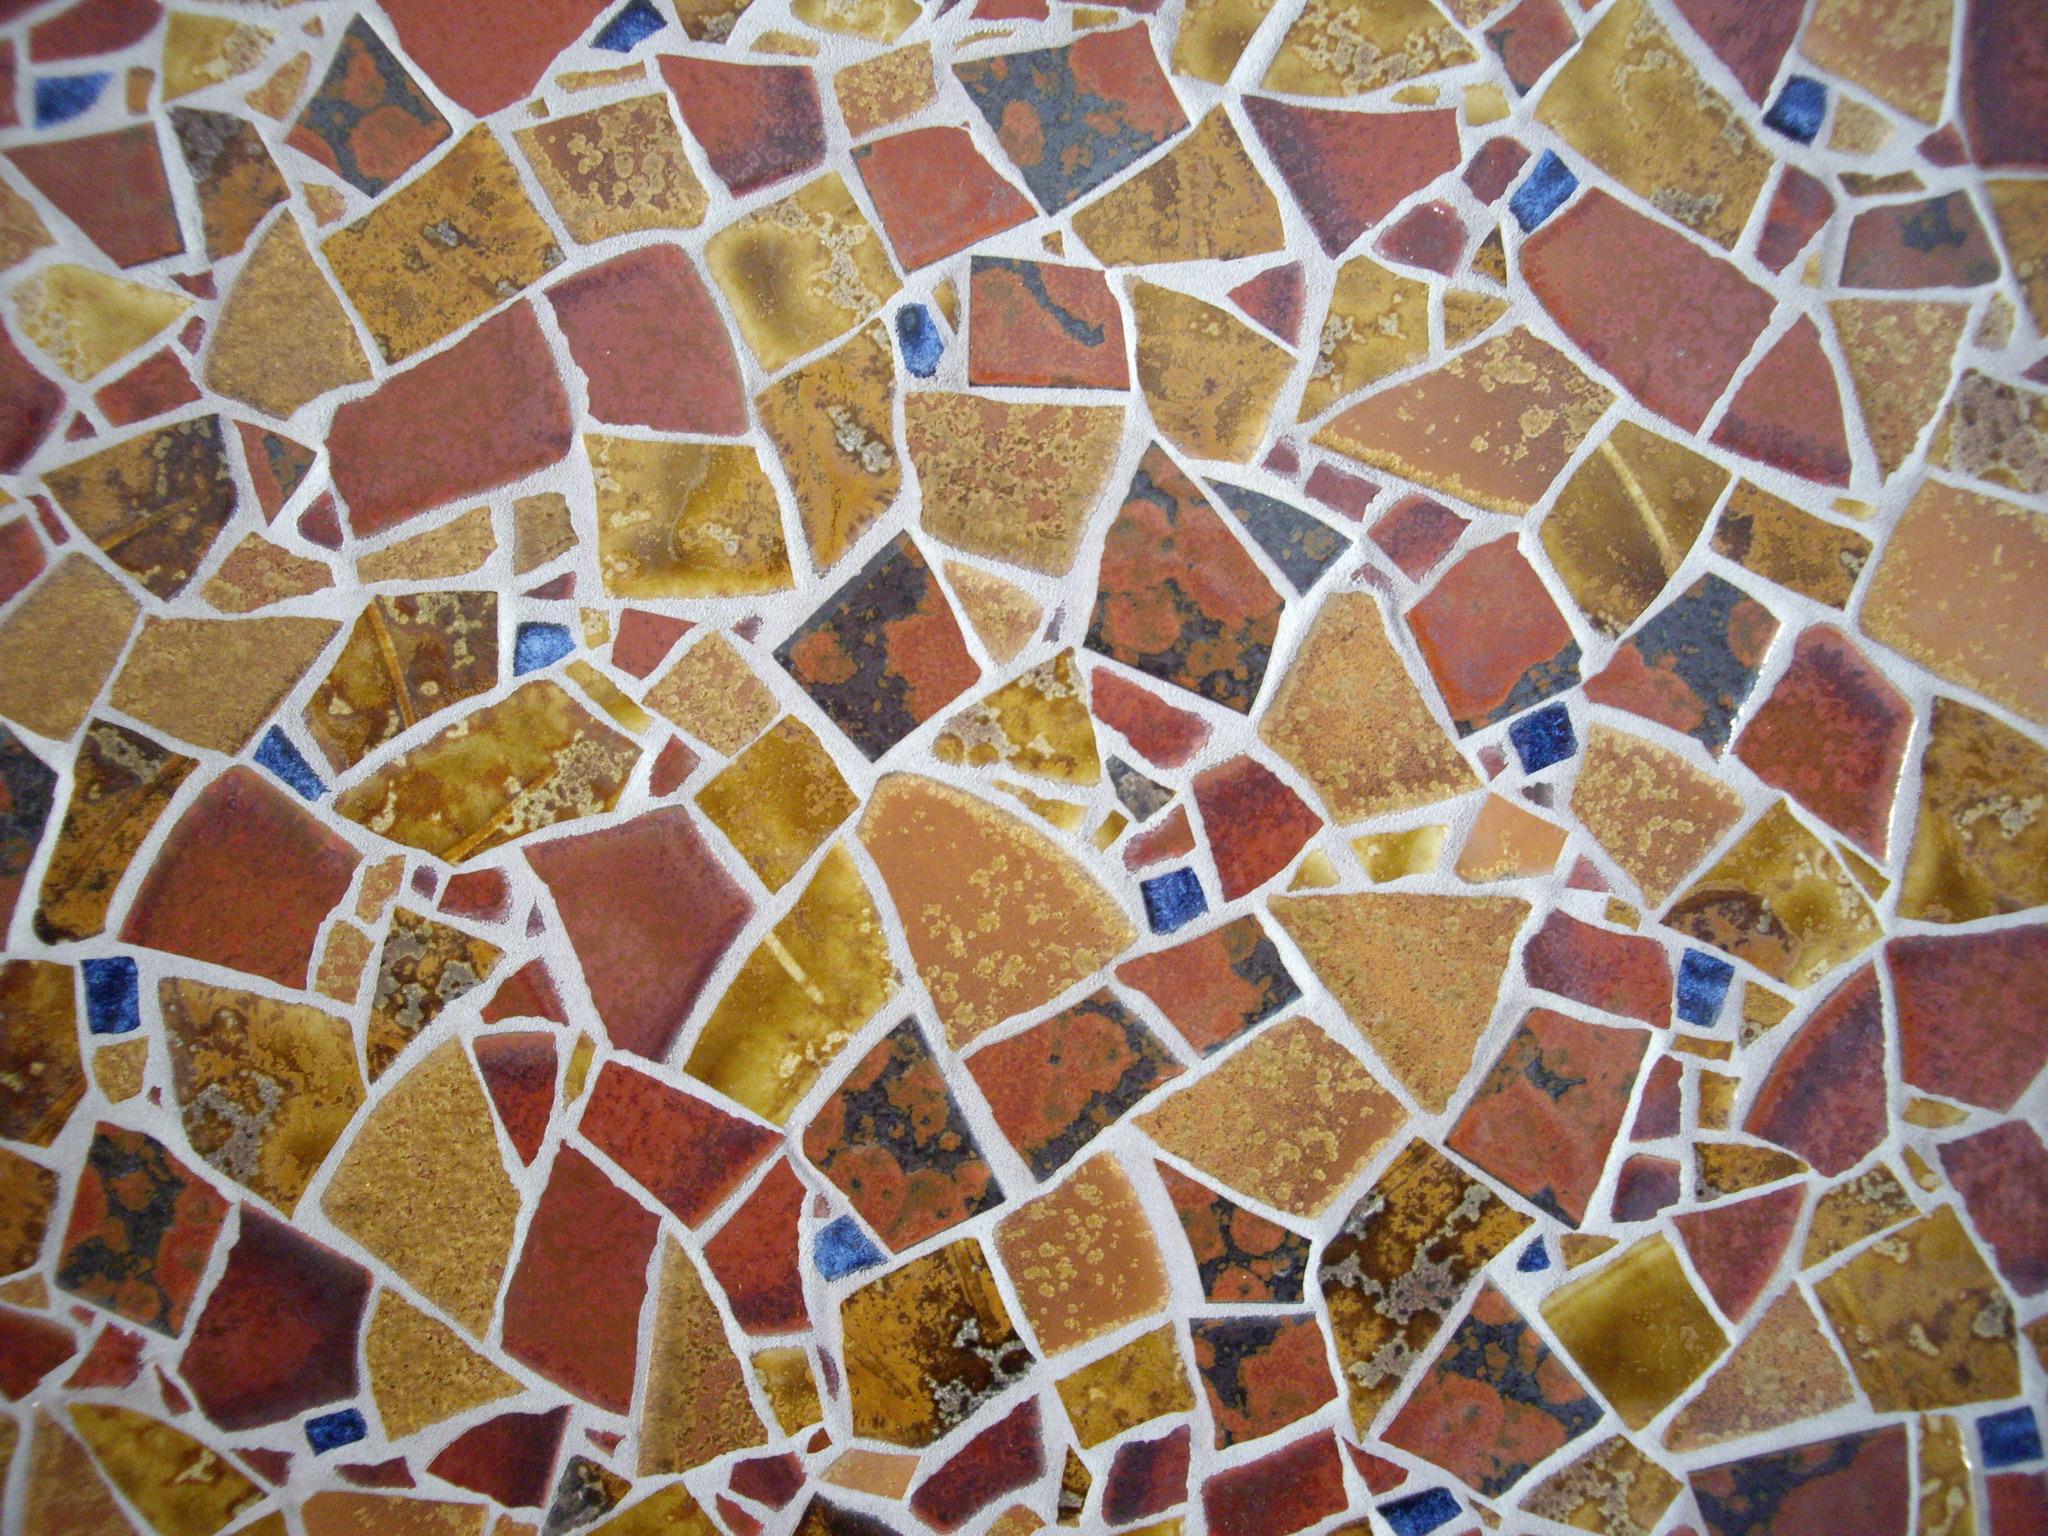 Udsnit af mosaik vægudsmykning - close up mosaic